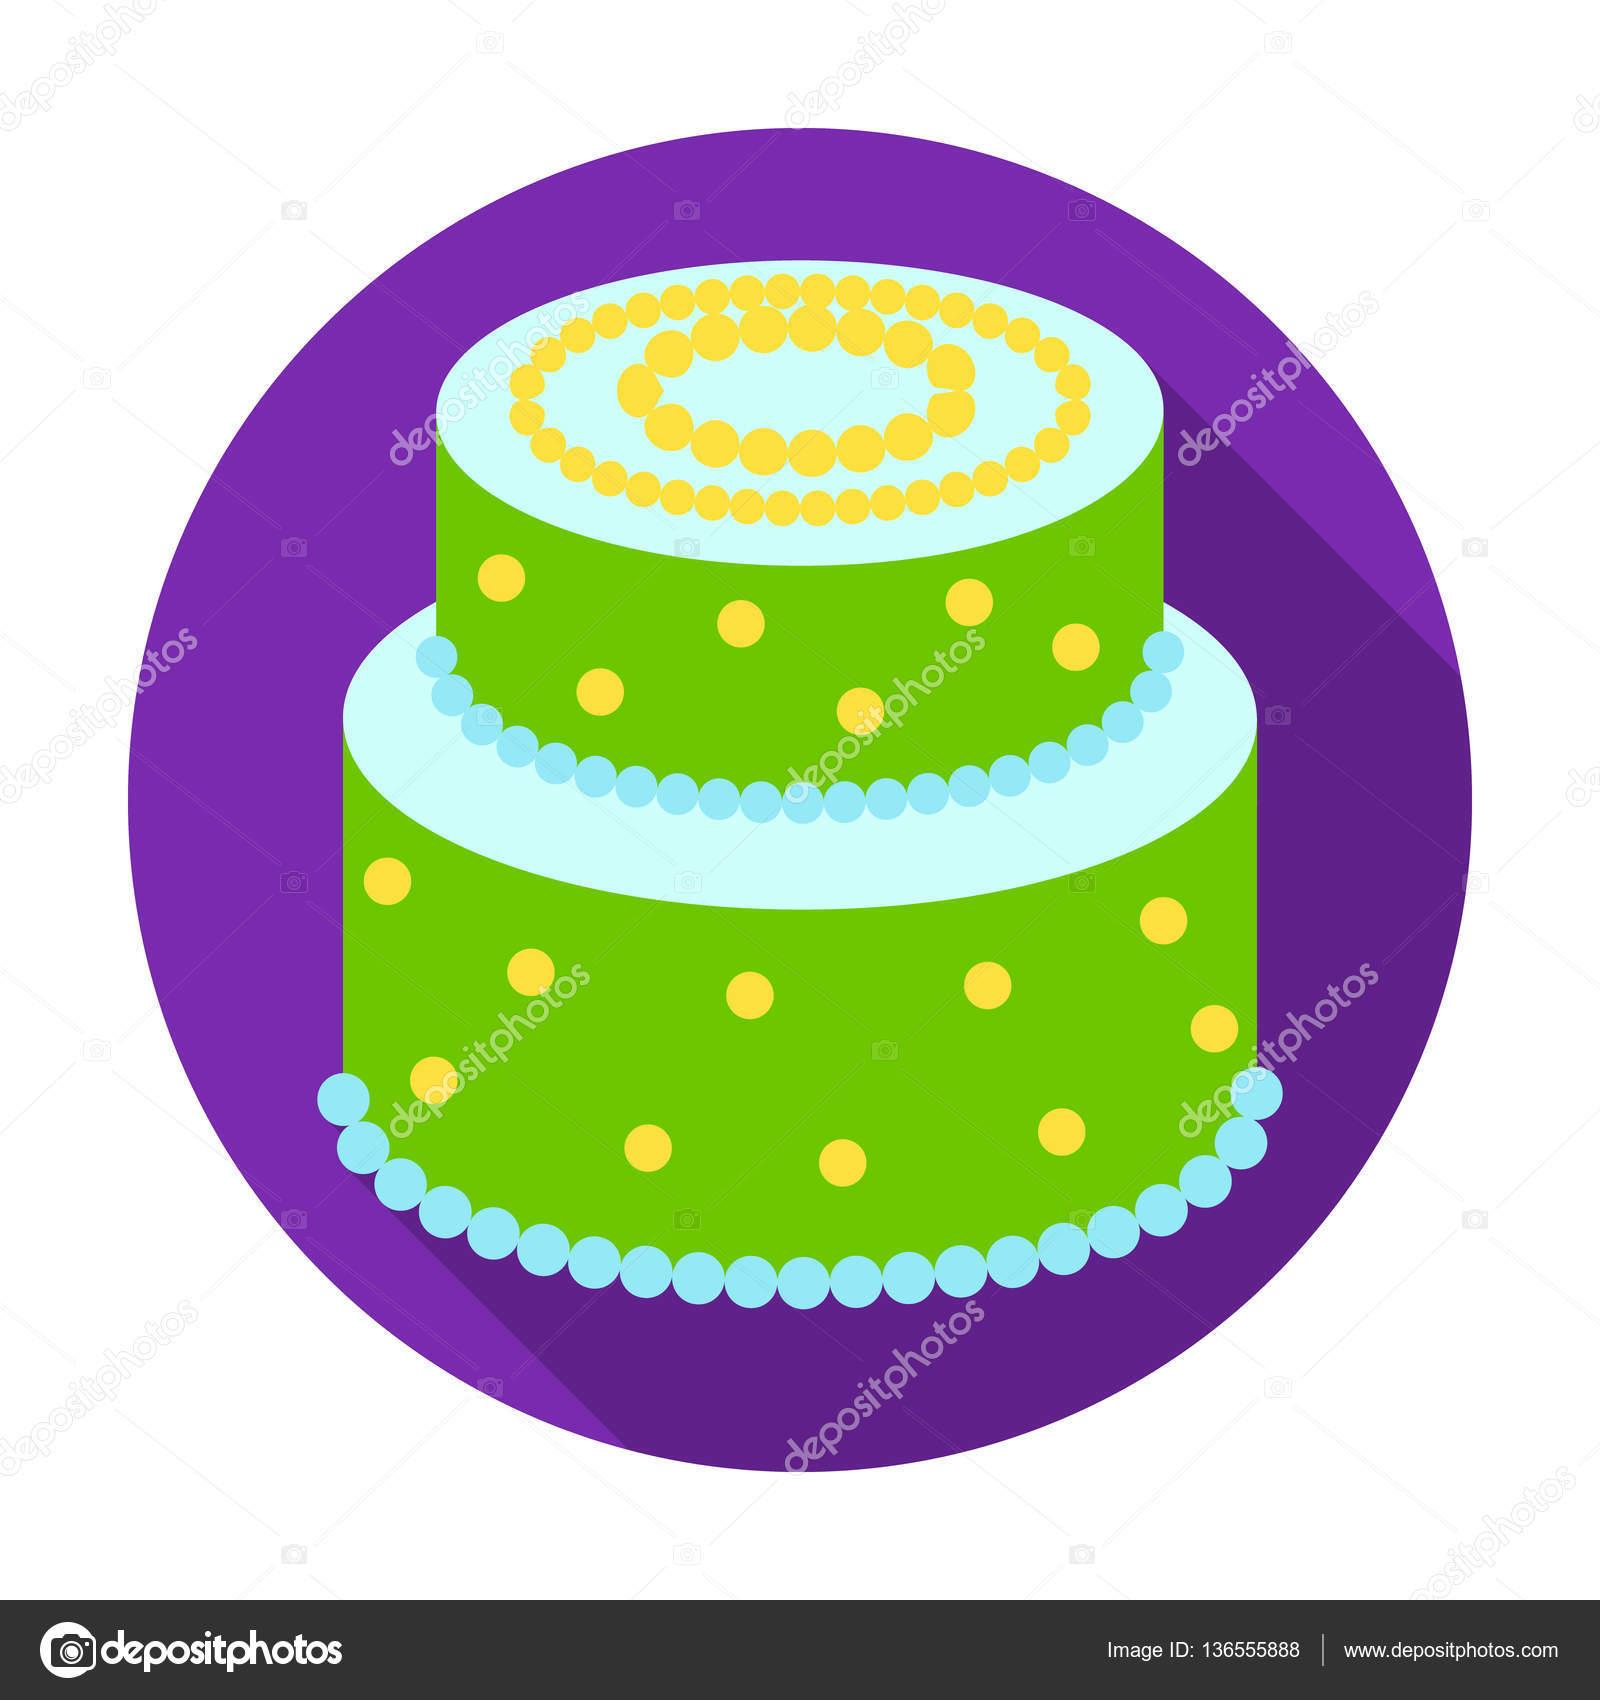 Grüne Kuchen Mit Gelben Punkten Symbol Im Flachen Stil Isoliert Auf Weißem  Hintergrund. Kuchen